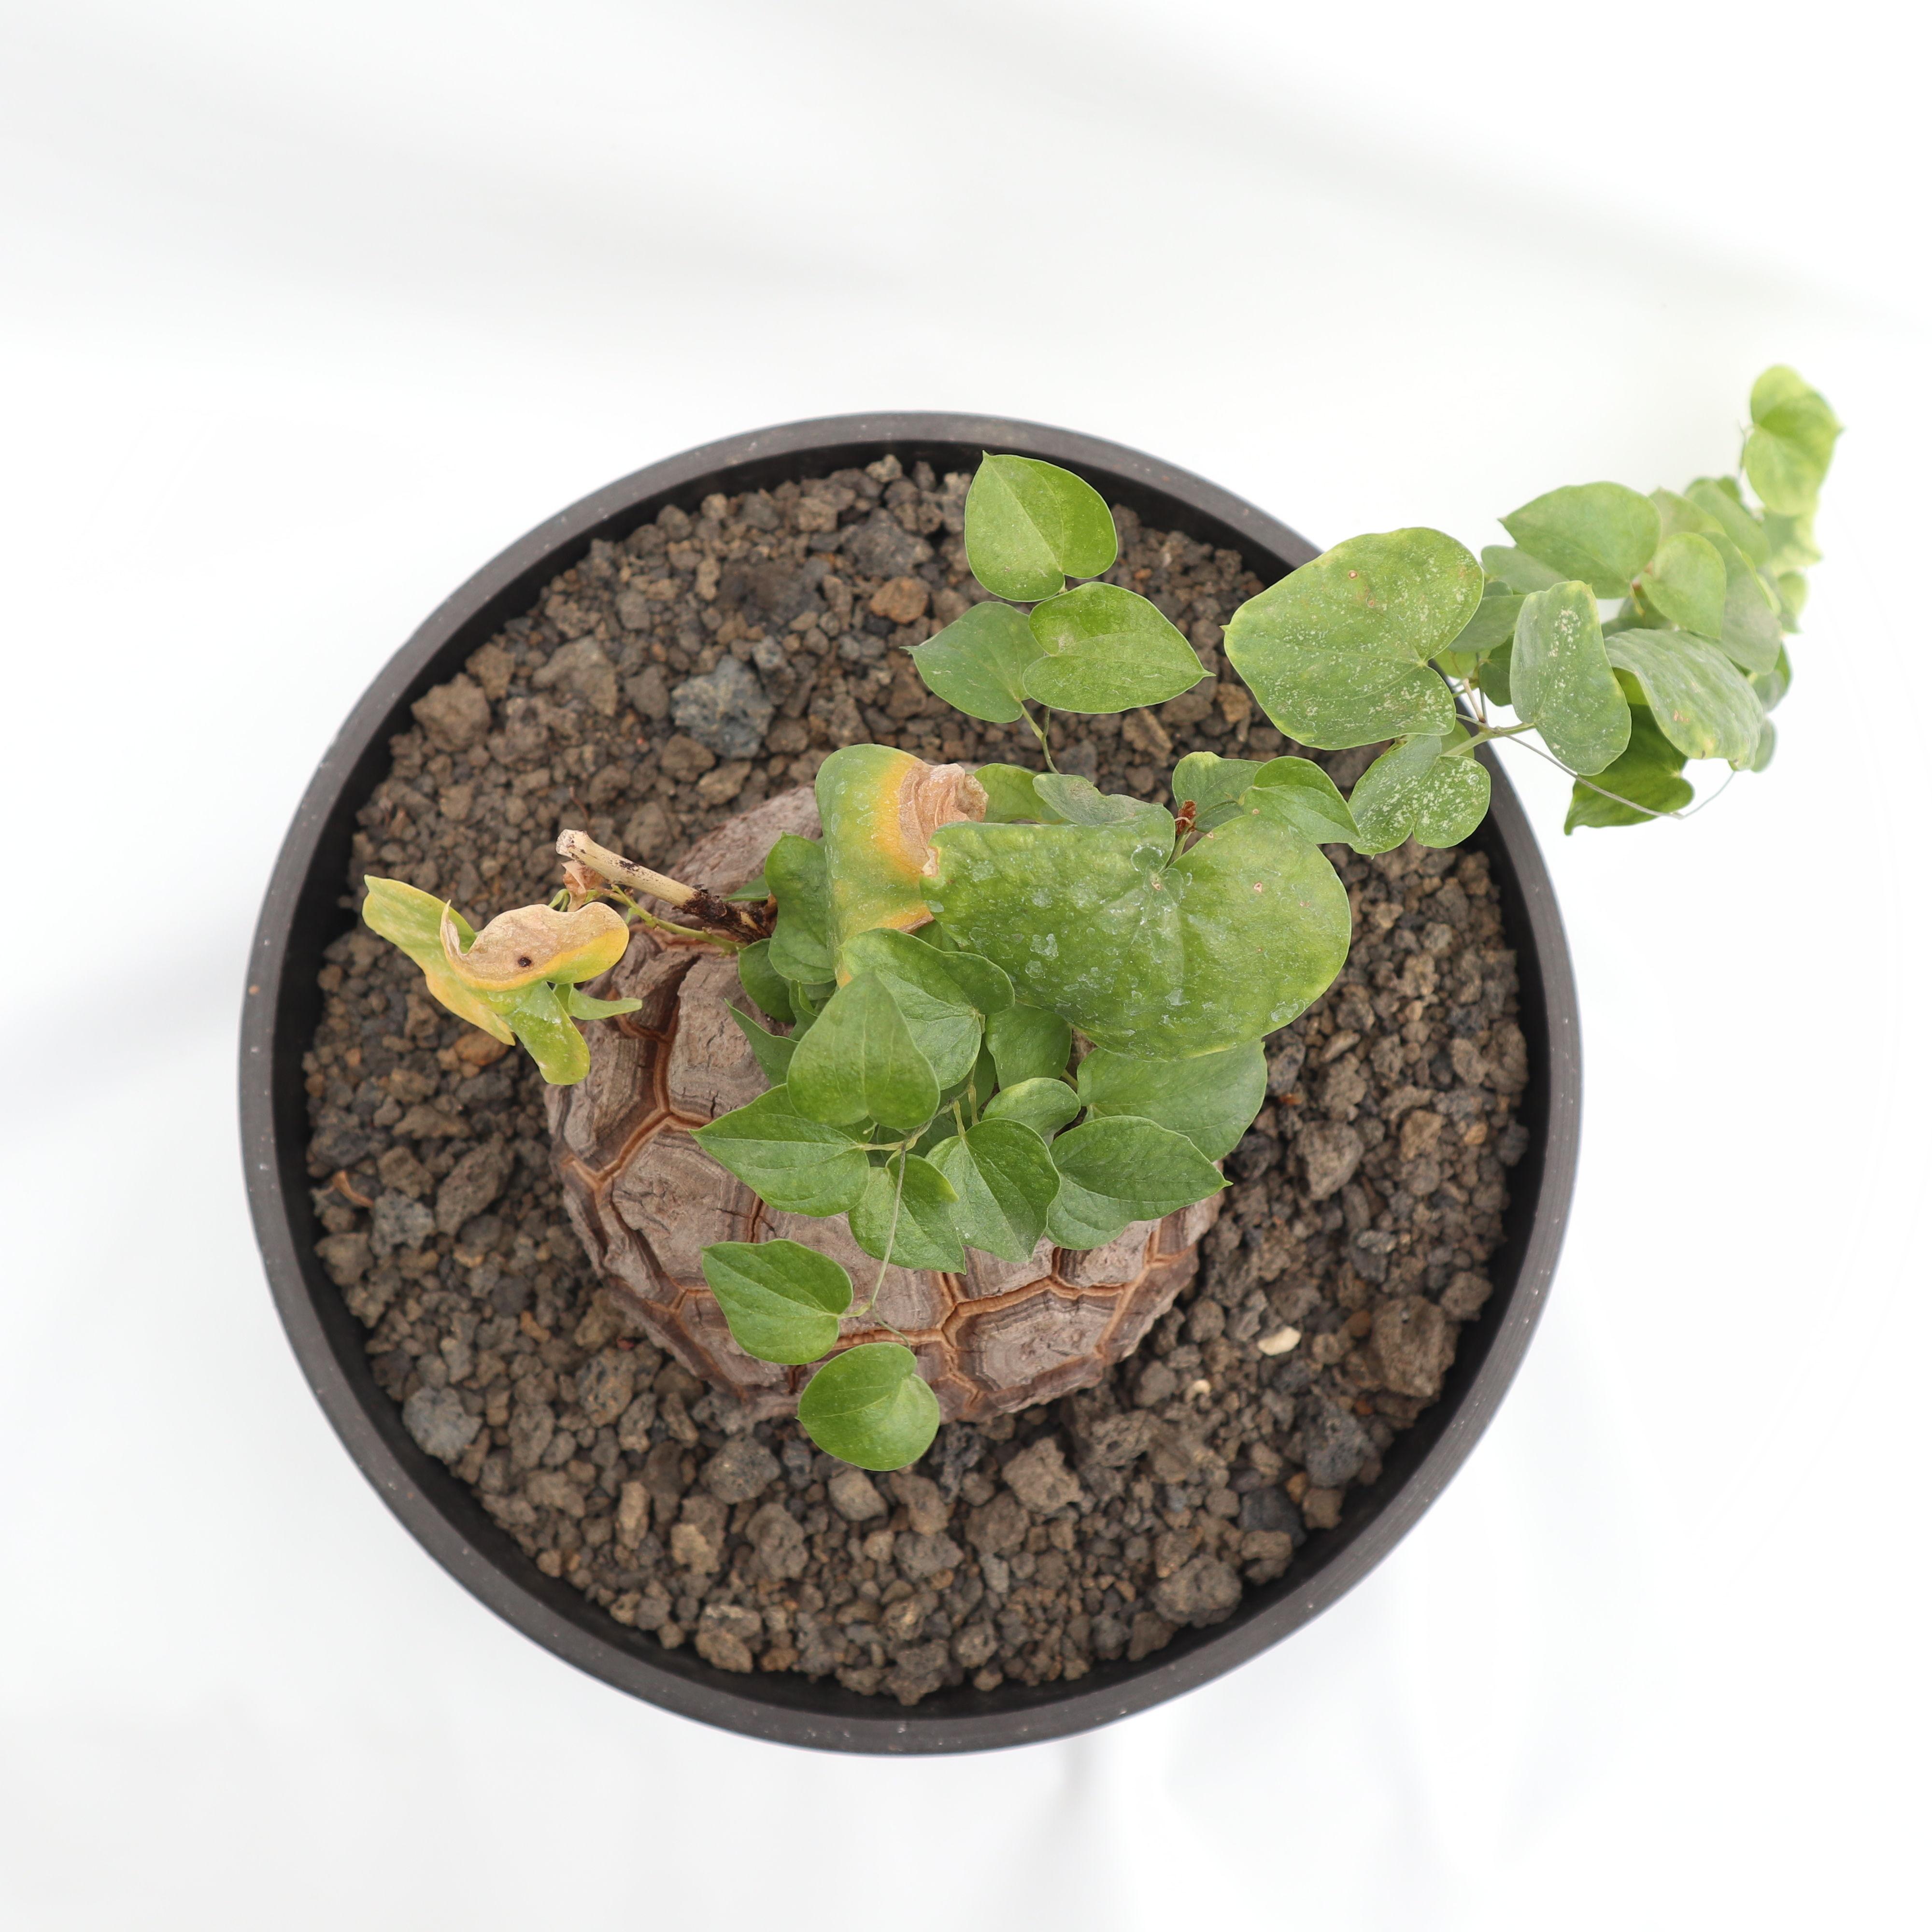 mana's green:塊根植物販売|マナズグリーン            亀甲竜